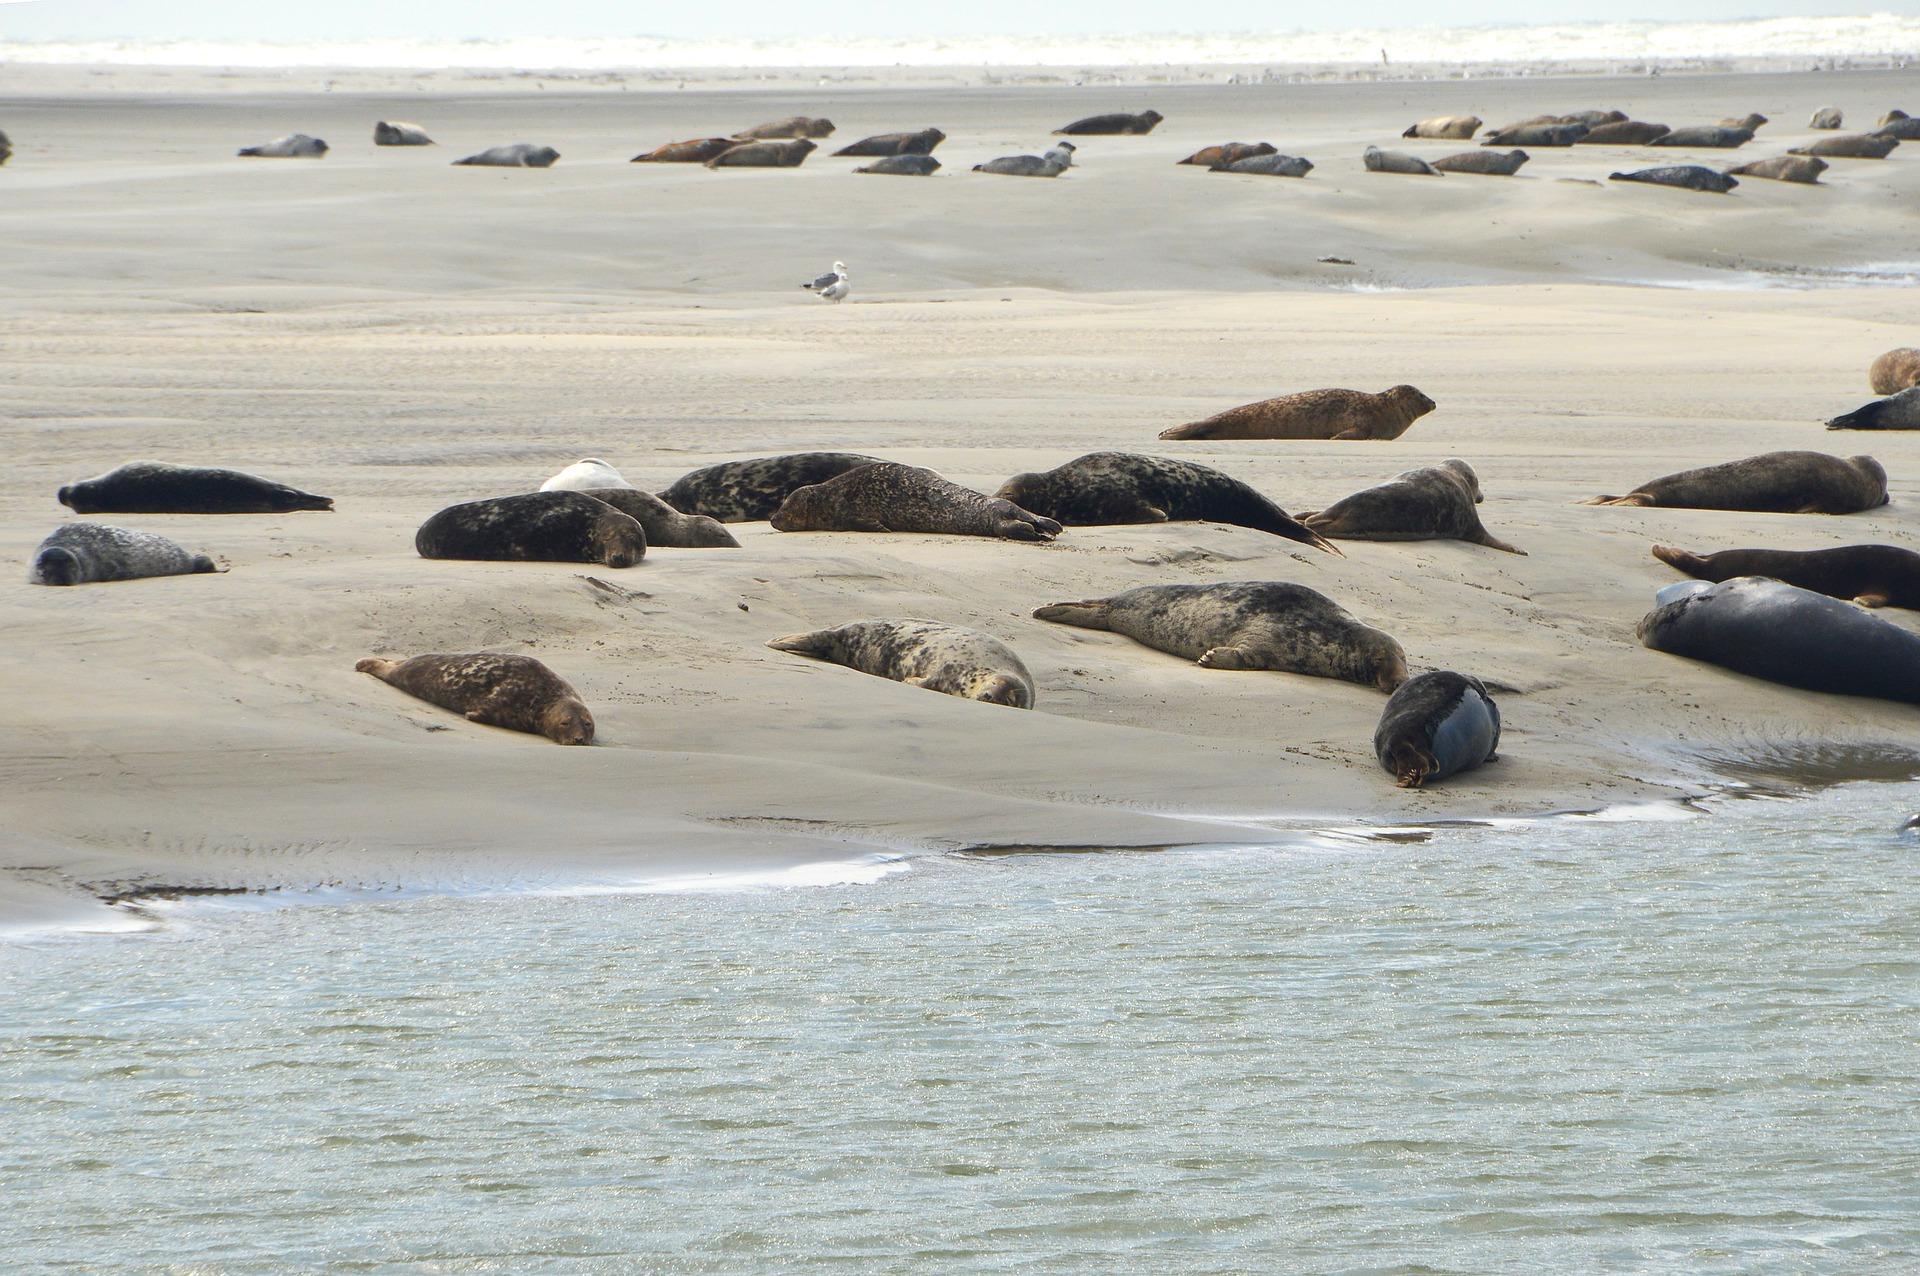 Phoques plage de berck sur mer